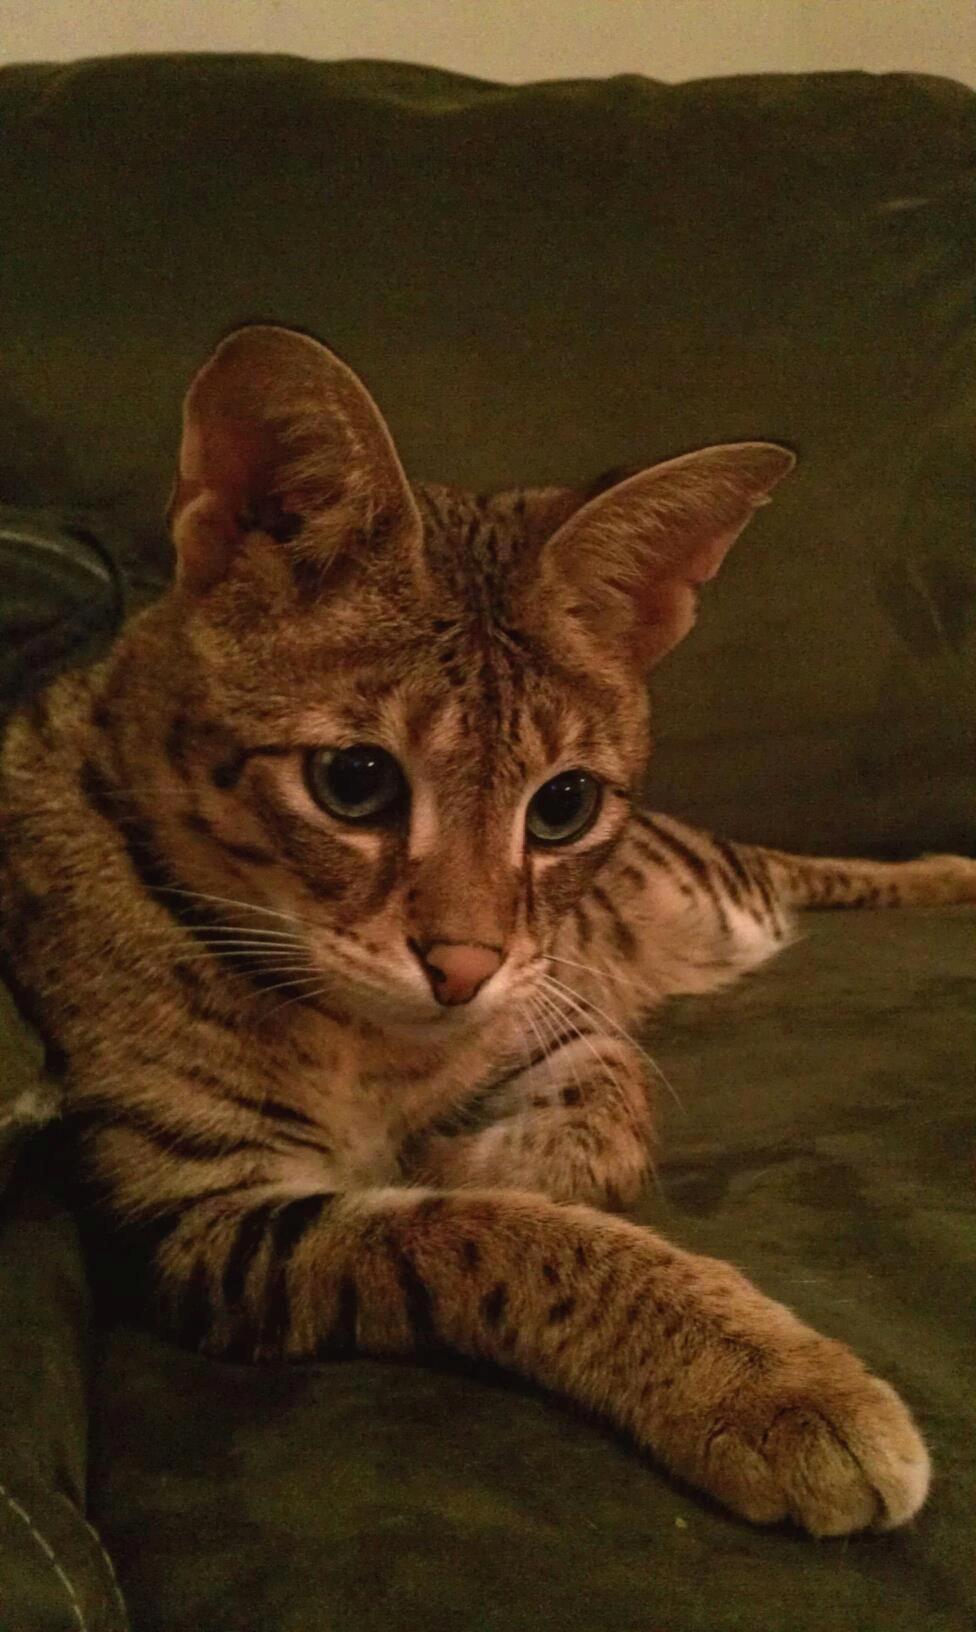 Apollo, F1 Savannah cat Beautiful cats